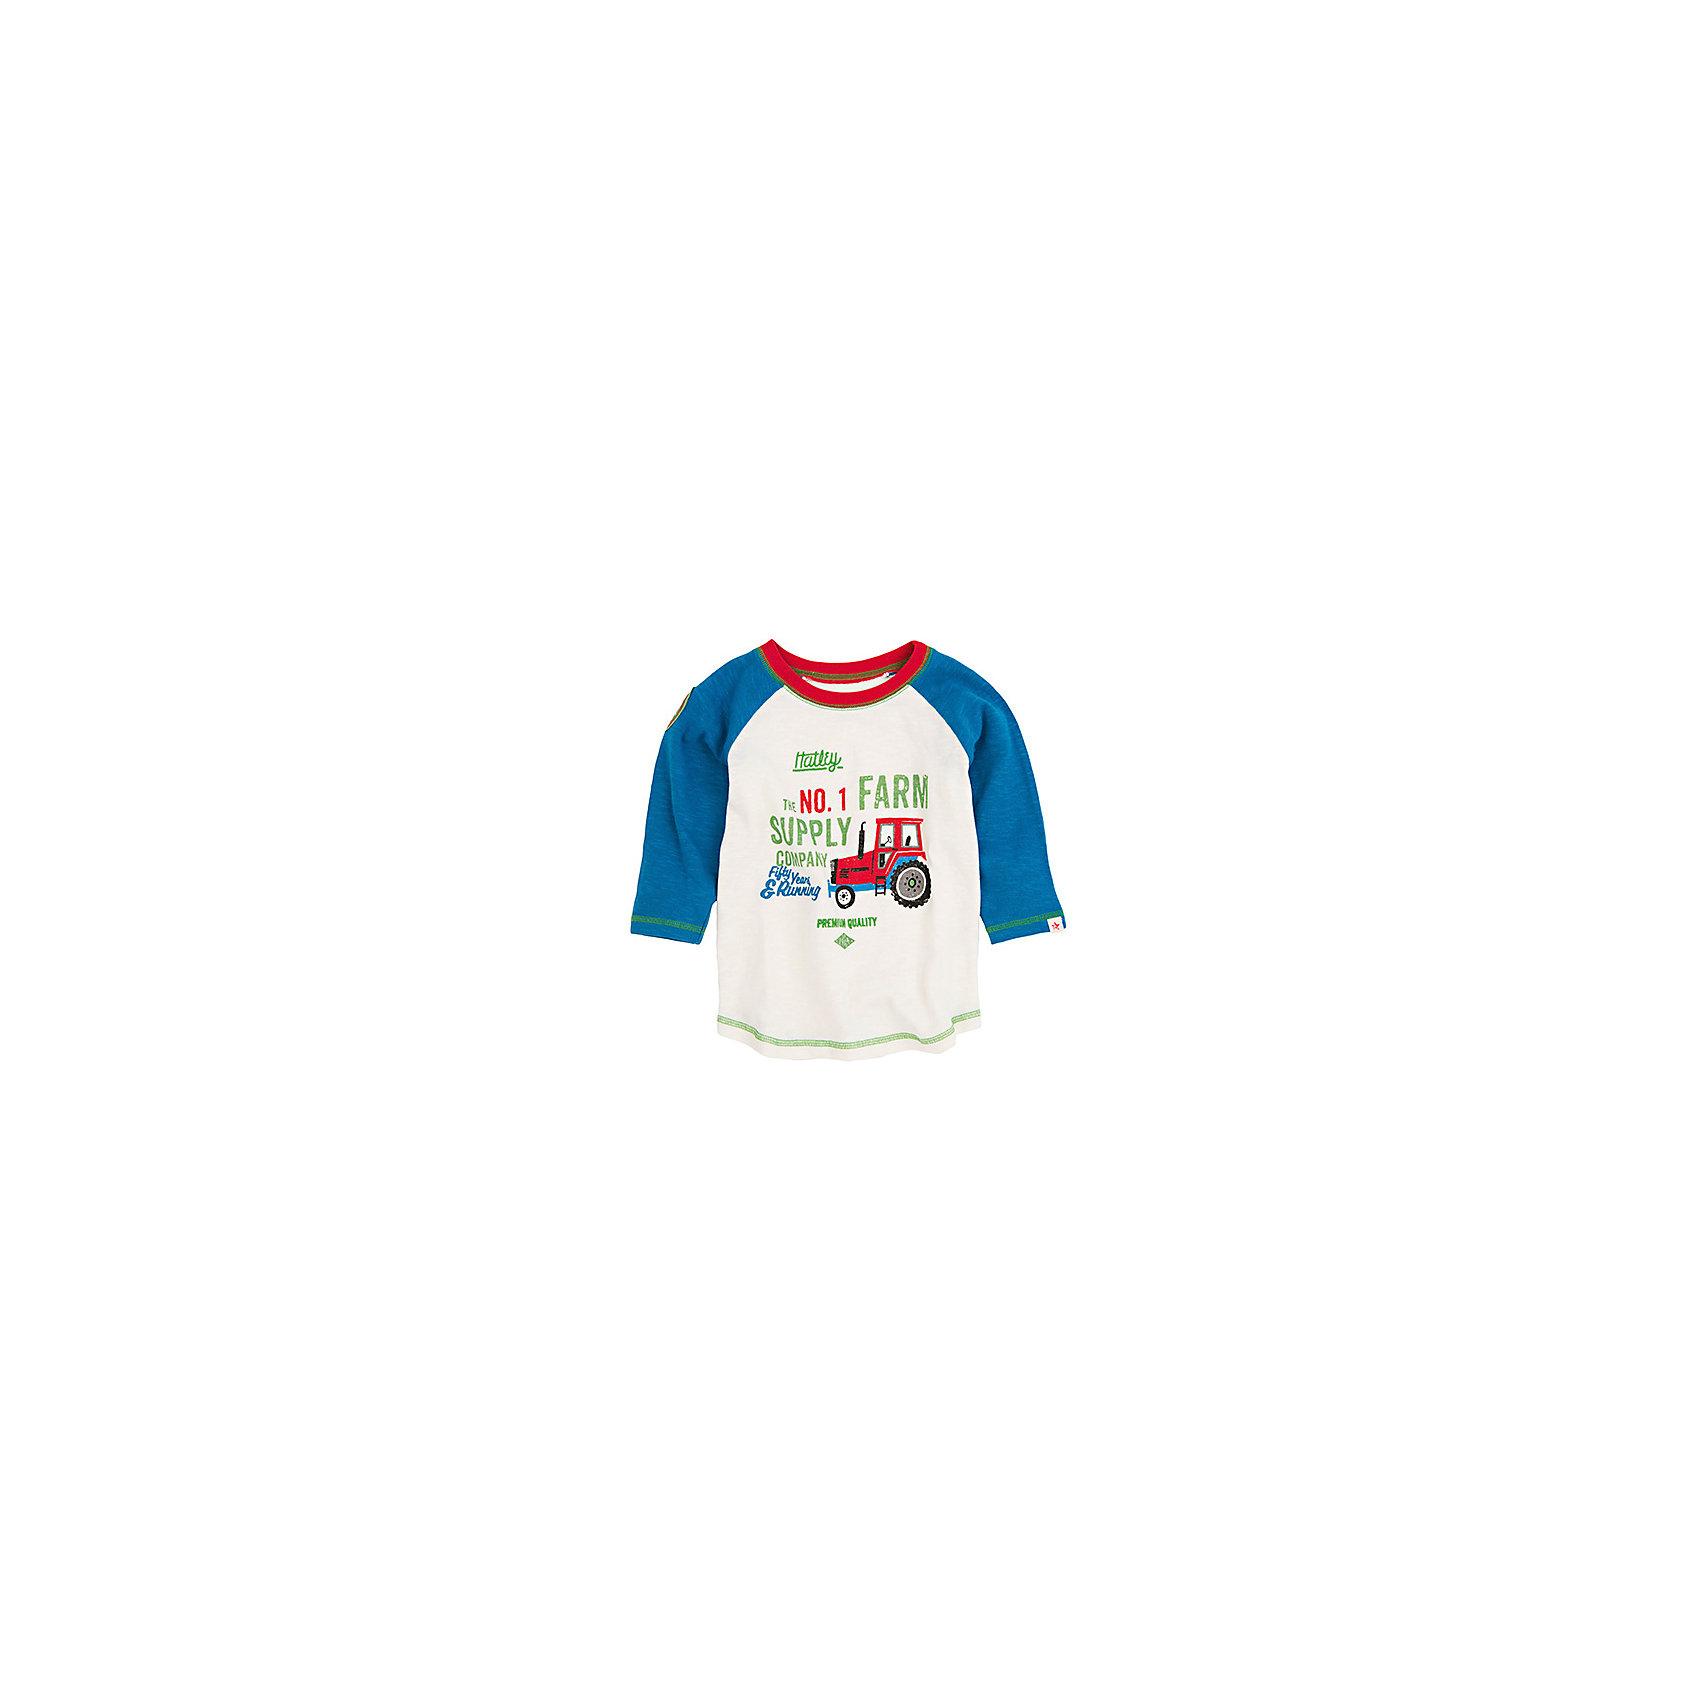 Футболка с длинным рукавом для мальчика HatleyФутболки с длинным рукавом<br>Футболка с длинным рукавом для мальчика Hatley<br><br>Характеристики:<br><br>• Состав: 100% хлопок<br>• Цвет: белый, синий<br><br>Красивая и модная футболка с длинными рукавами идеально подойдет для летней прохладной погоды или для носки в помещении. Благодаря тому, что ткань натуральная и не вызывает аллергии, ребенок сможет бегать и прыгать, не боясь, что вспотеет и на коже будут раздражения. Яркий и забавный принт-аппликация делает футболку еще и очень привлекательной. Контраст рукавов и кофты, прострочка воротника, рукавов и низа делает дизайн футболки неповторимым.<br><br>Футболку с длинным рукавом для мальчика Hatley можно купить в нашем интернет-магазине.<br><br>Ширина мм: 230<br>Глубина мм: 40<br>Высота мм: 220<br>Вес г: 250<br>Цвет: белый<br>Возраст от месяцев: 36<br>Возраст до месяцев: 48<br>Пол: Мужской<br>Возраст: Детский<br>Размер: 104,92,110,98<br>SKU: 5020653